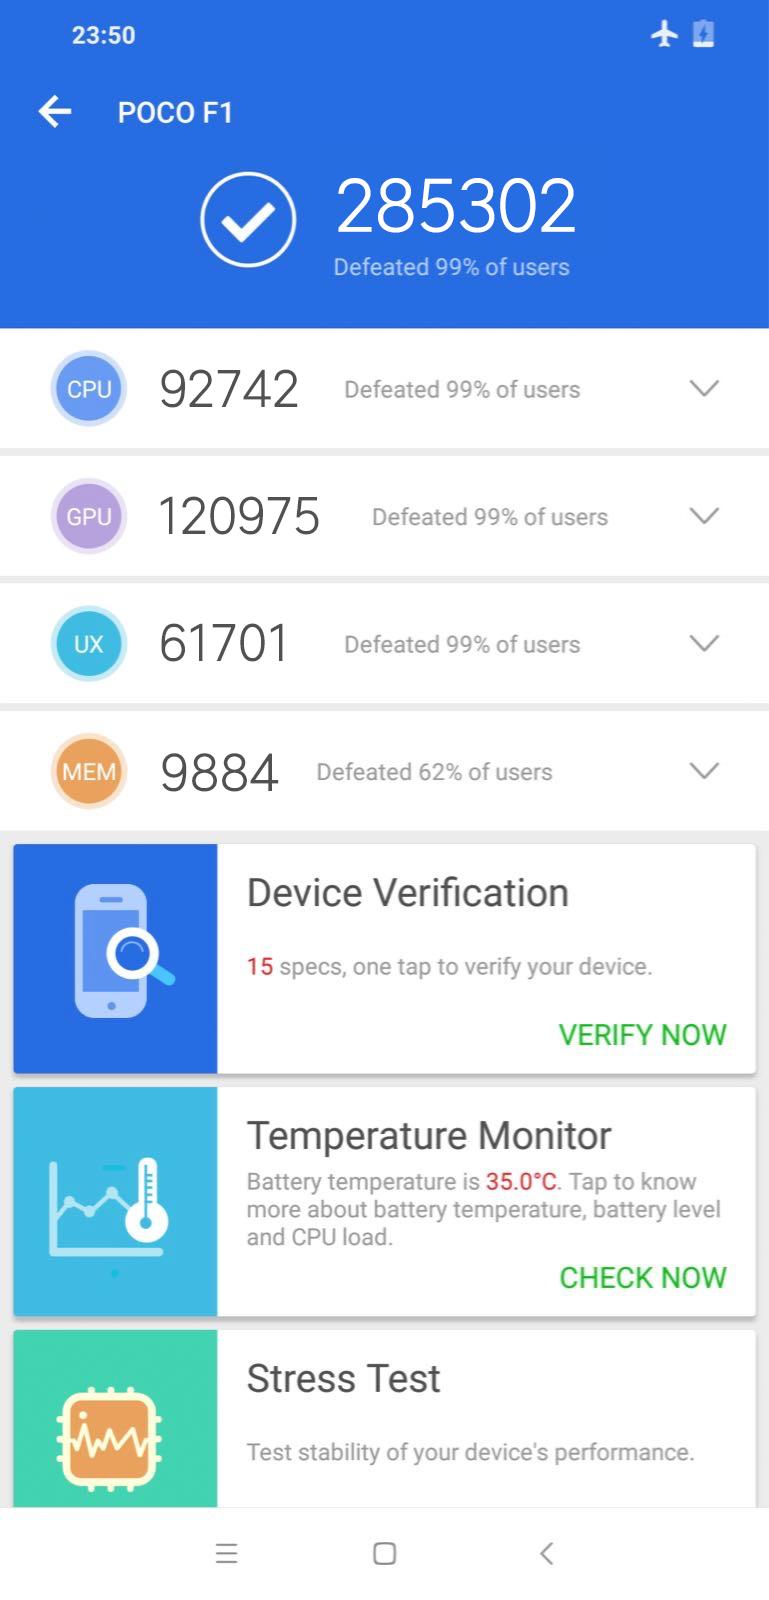 Смартфон Xiaomi Pocophone F1 набирает в AnTuTu более 285 000 баллов